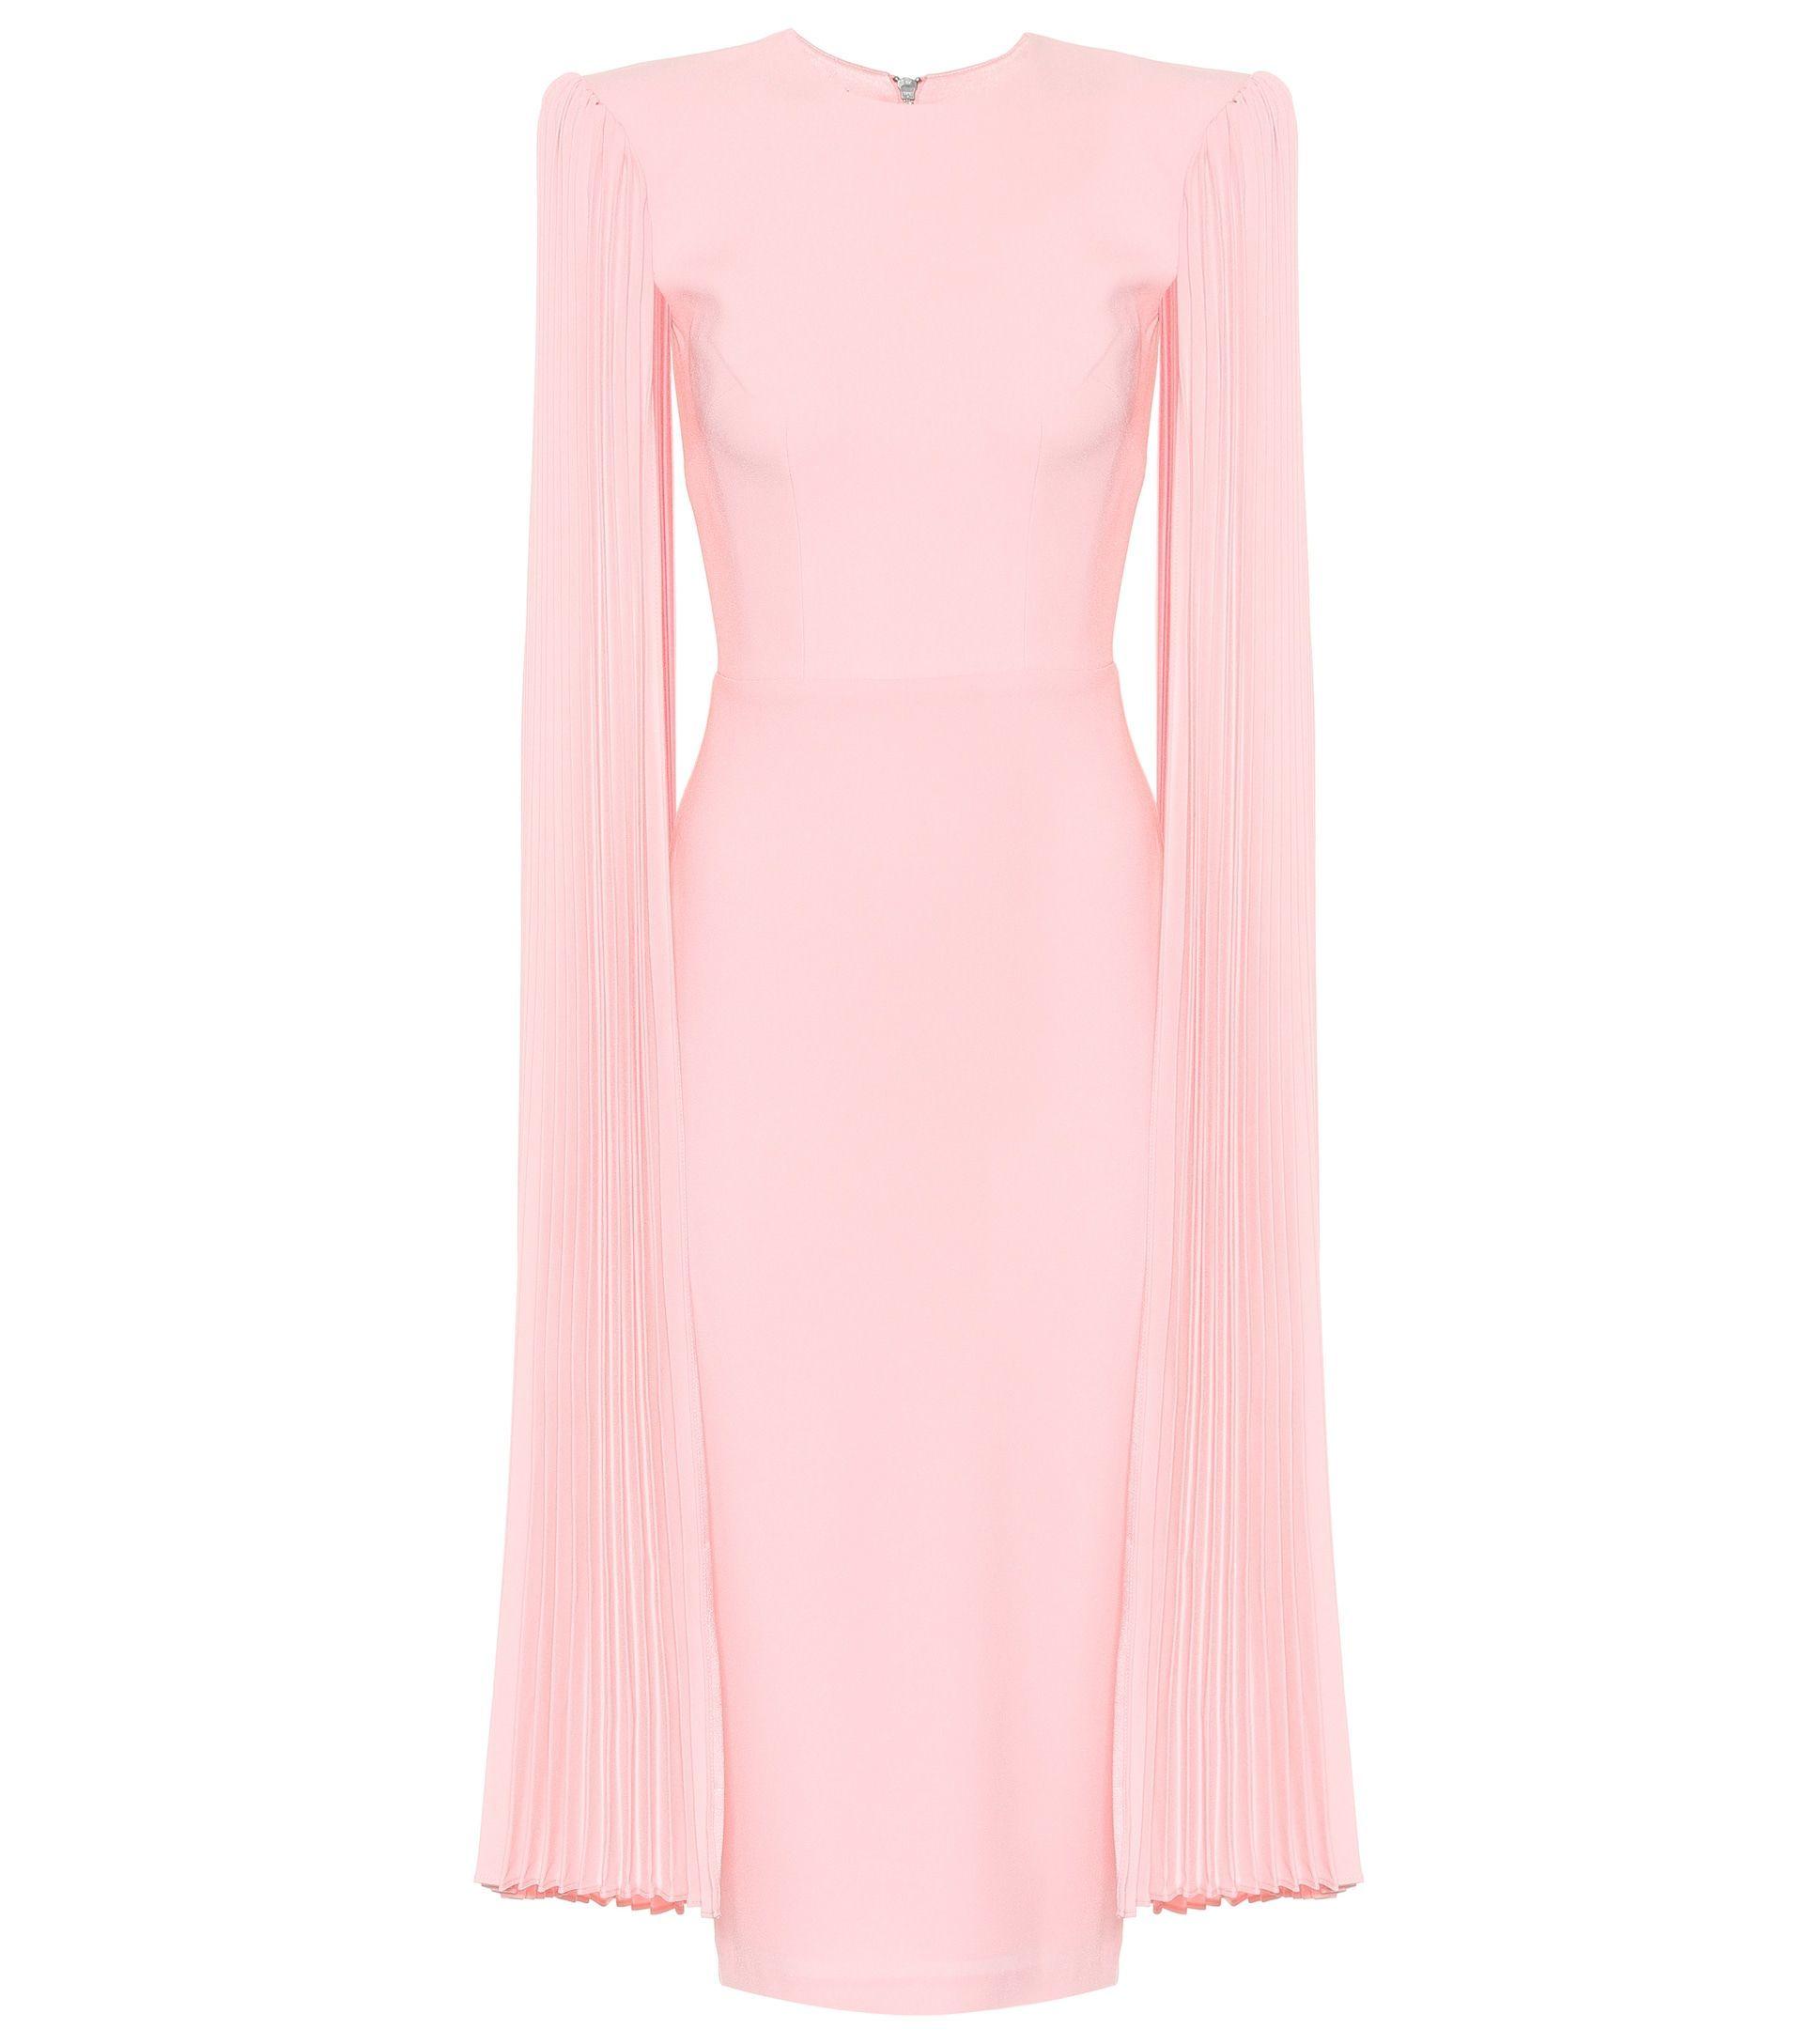 Modetrend: Pinke Kleider sind das neue kleine Schwarze